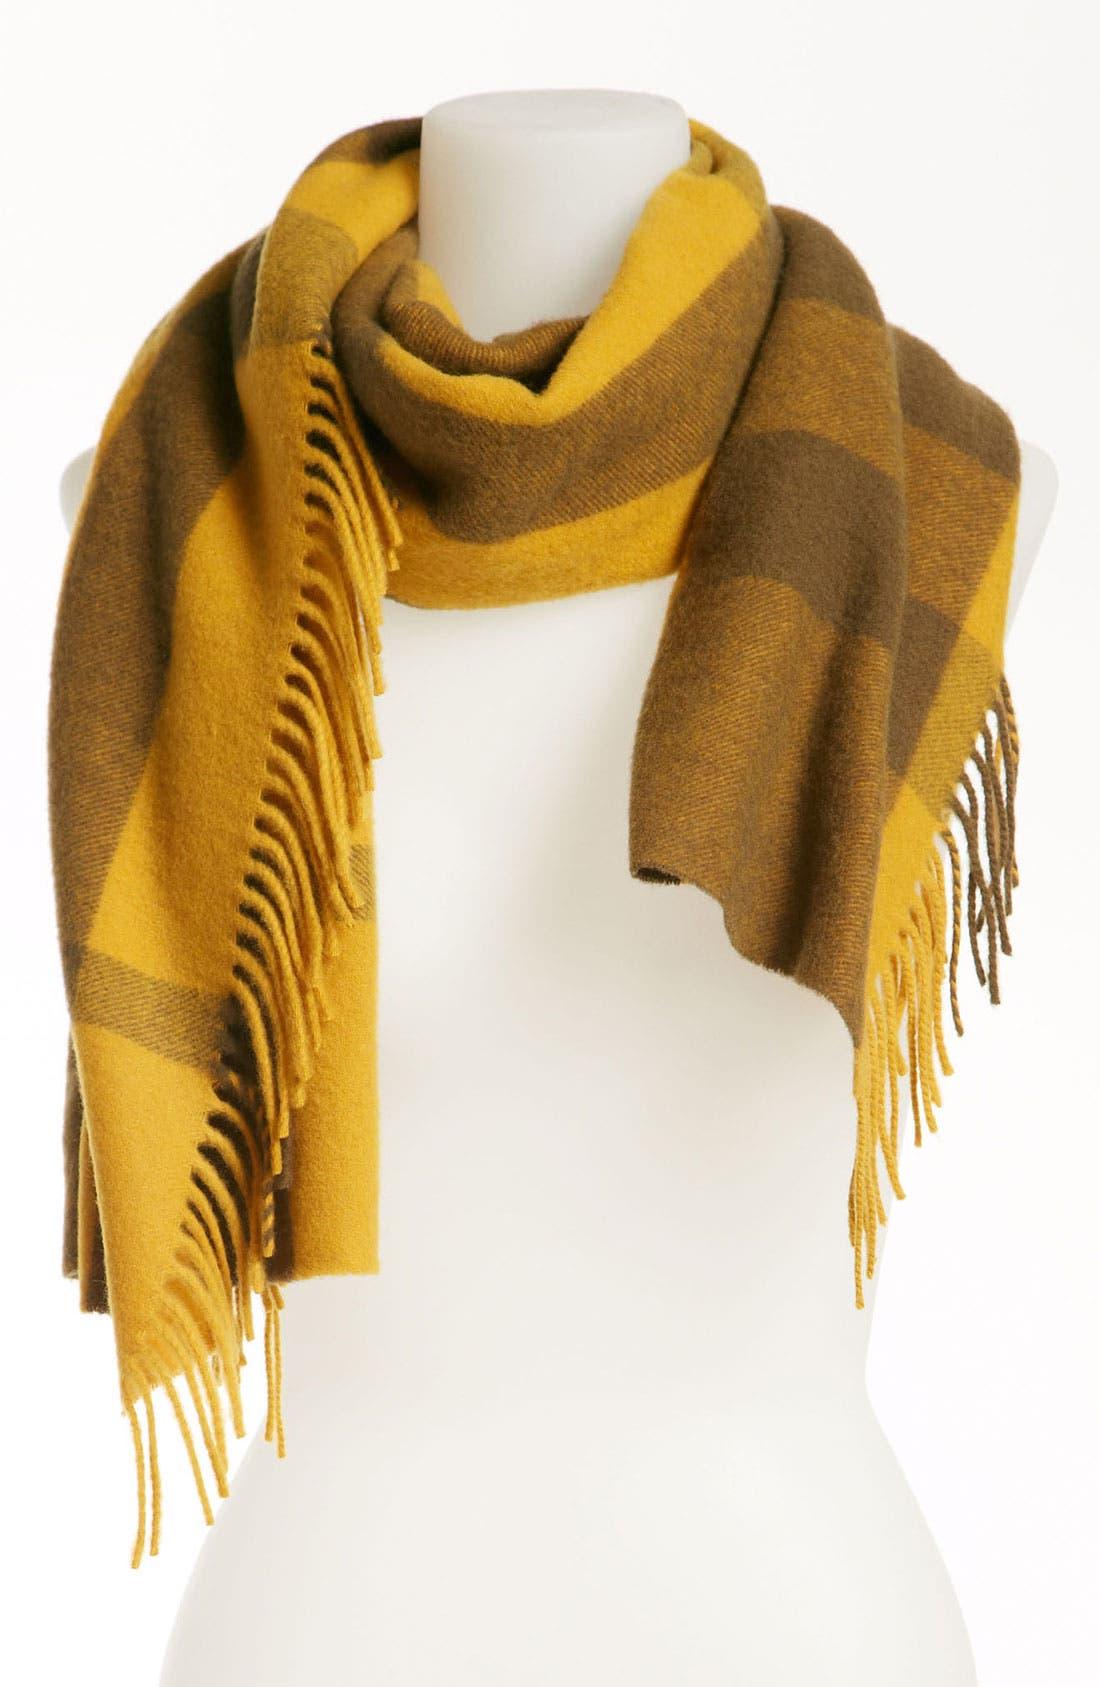 Main Image - Burberry Tonal Check Merino Wool & Cashmere Muffler